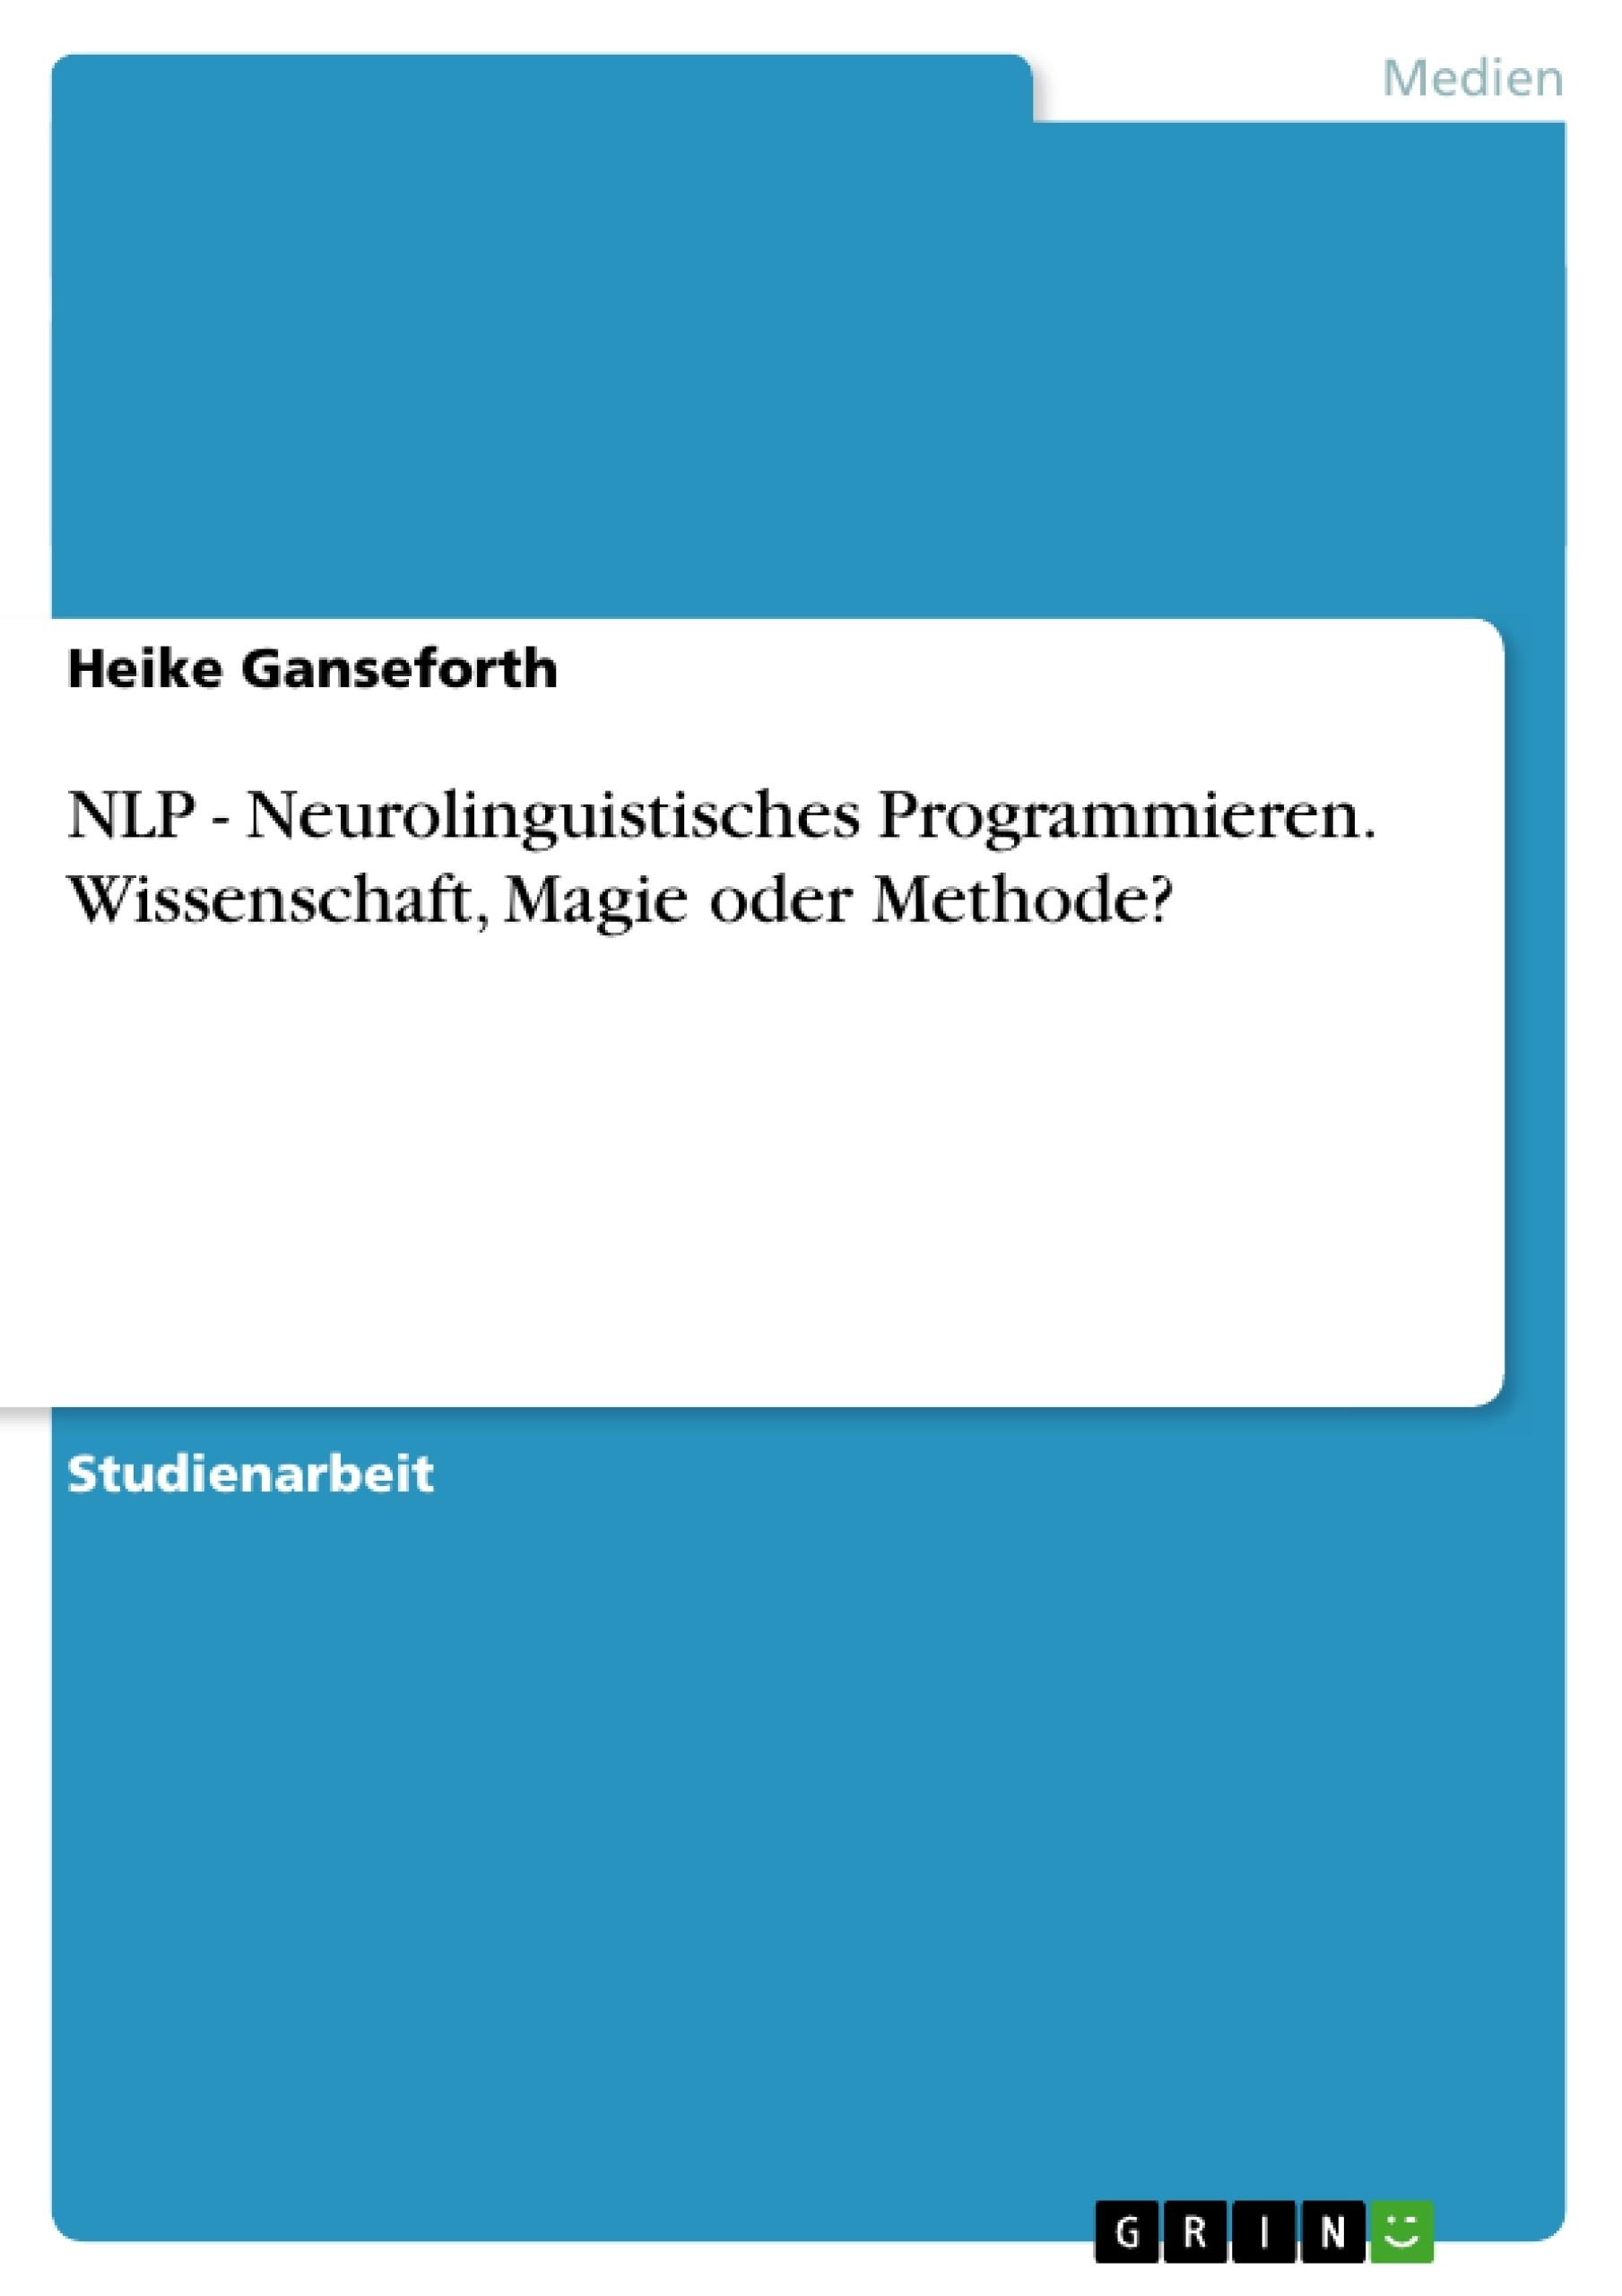 Titel: NLP - Neurolinguistisches Programmieren. Wissenschaft, Magie oder Methode?